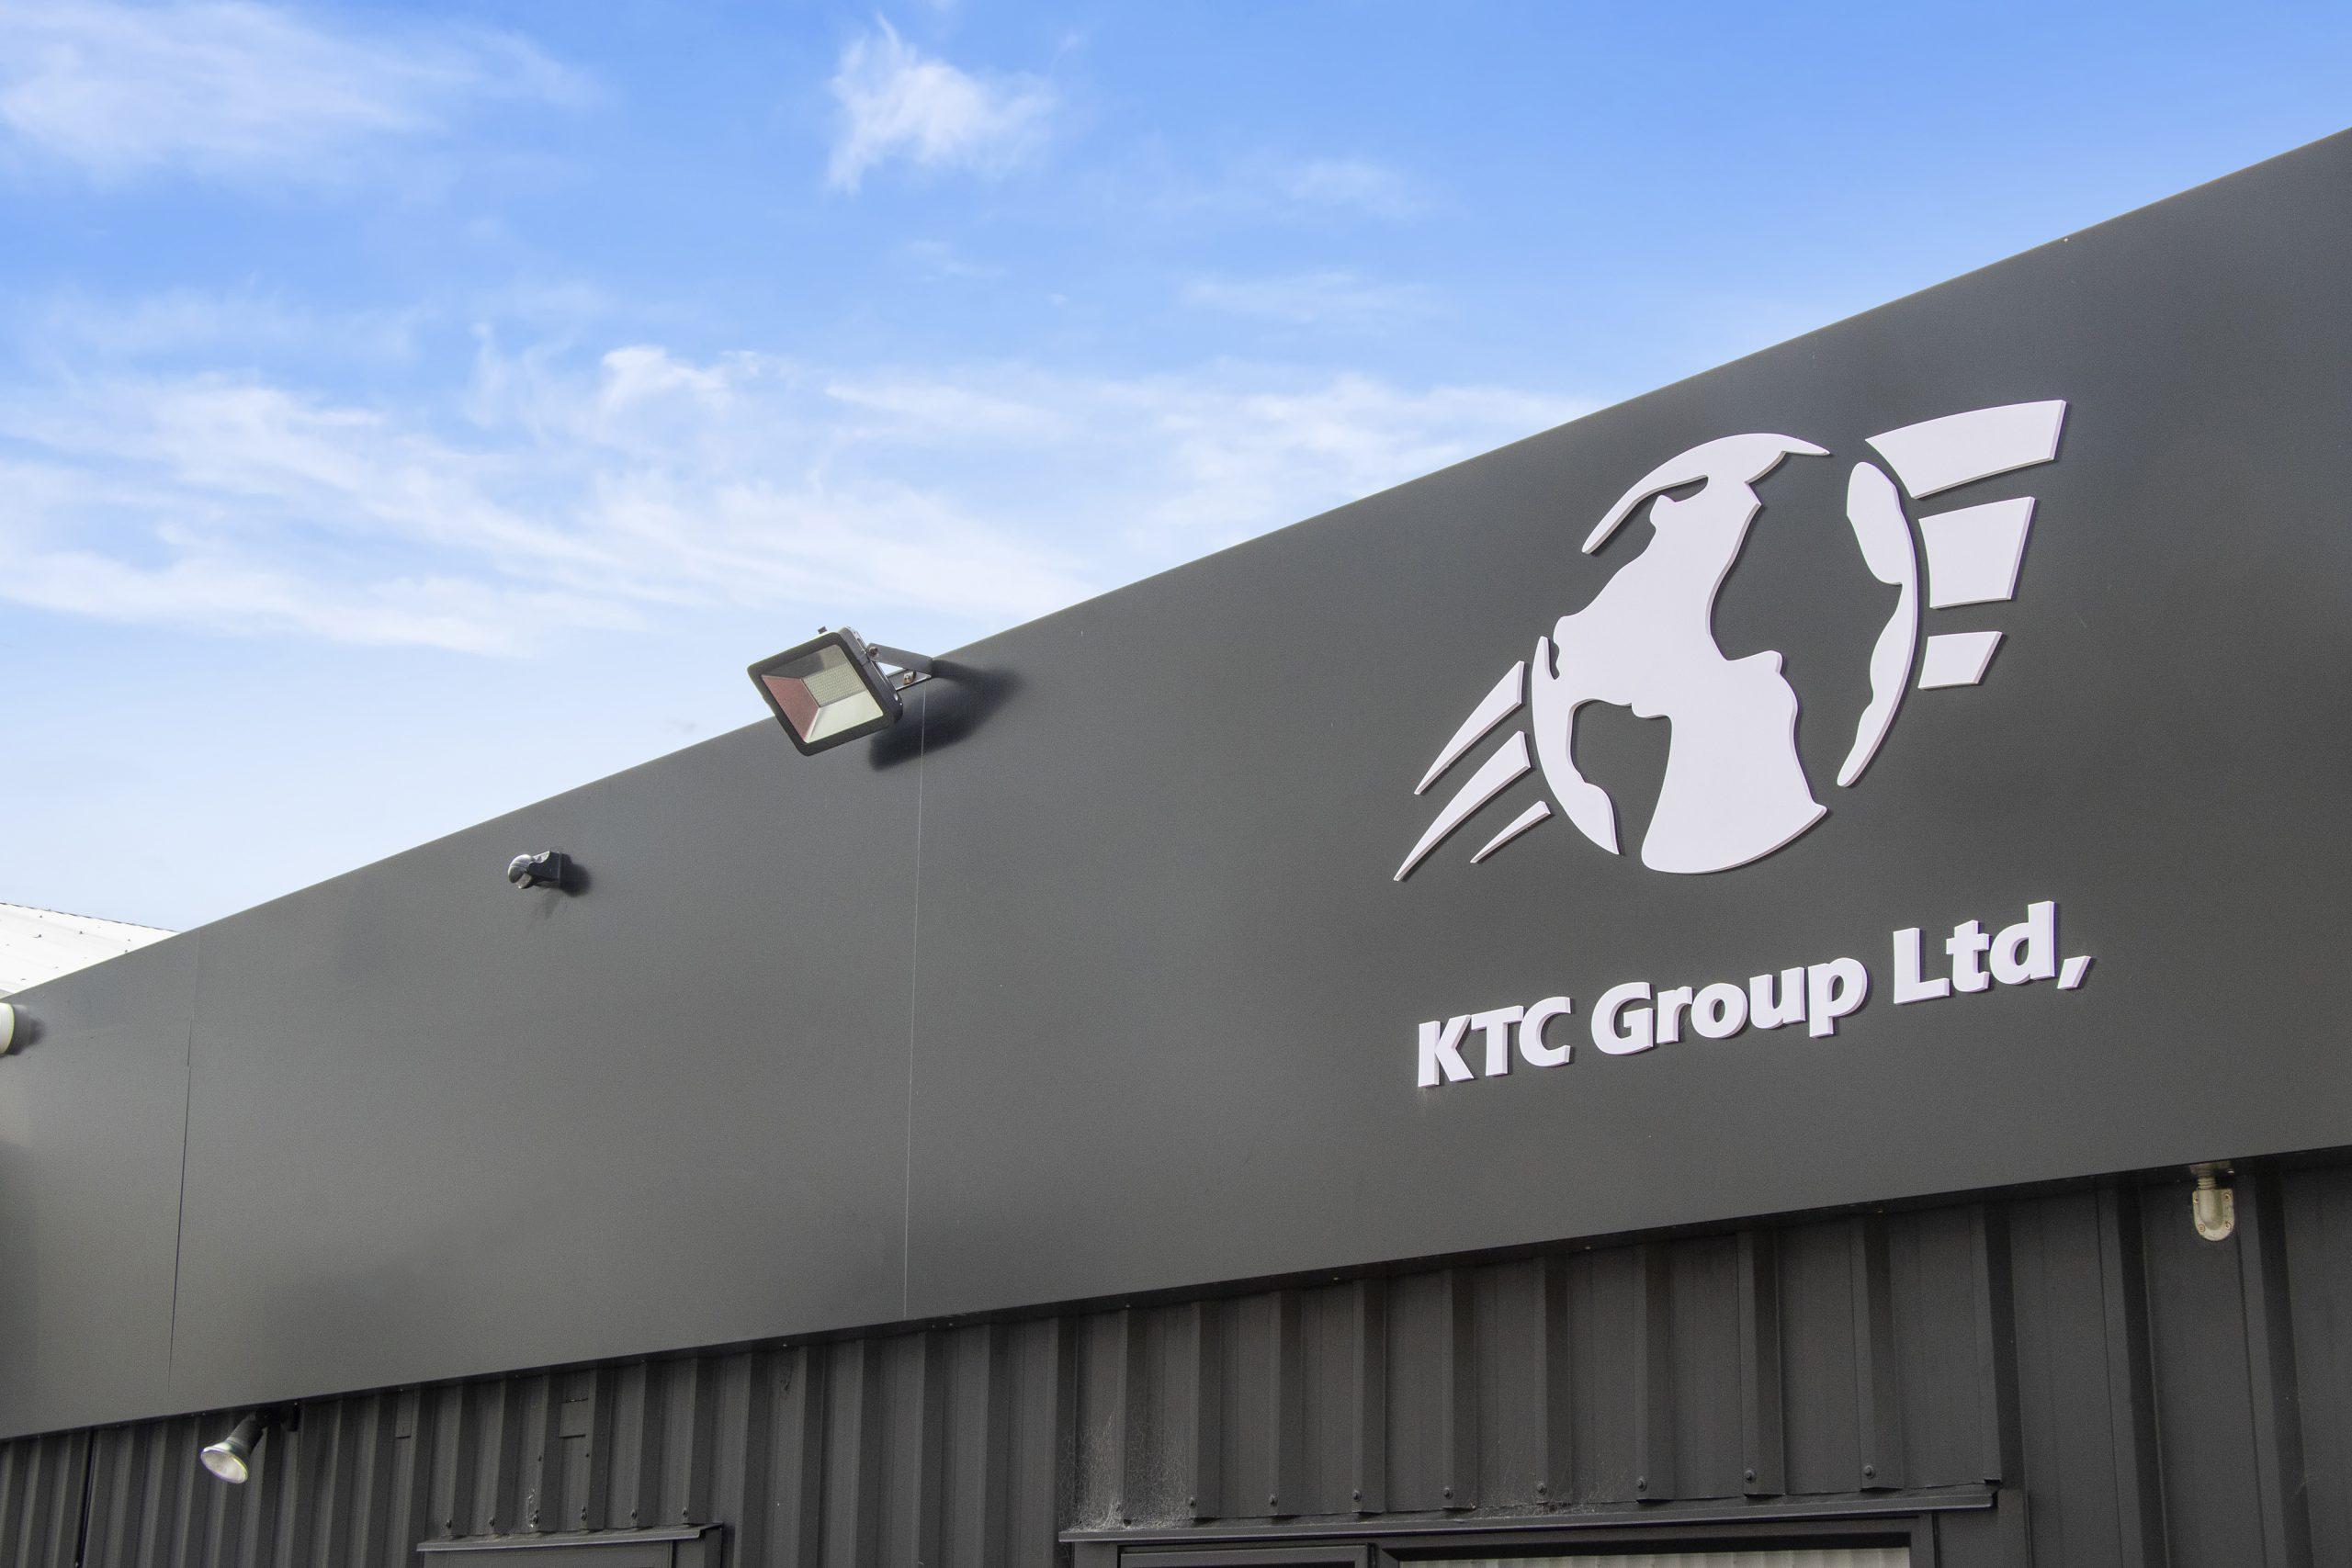 KTC building